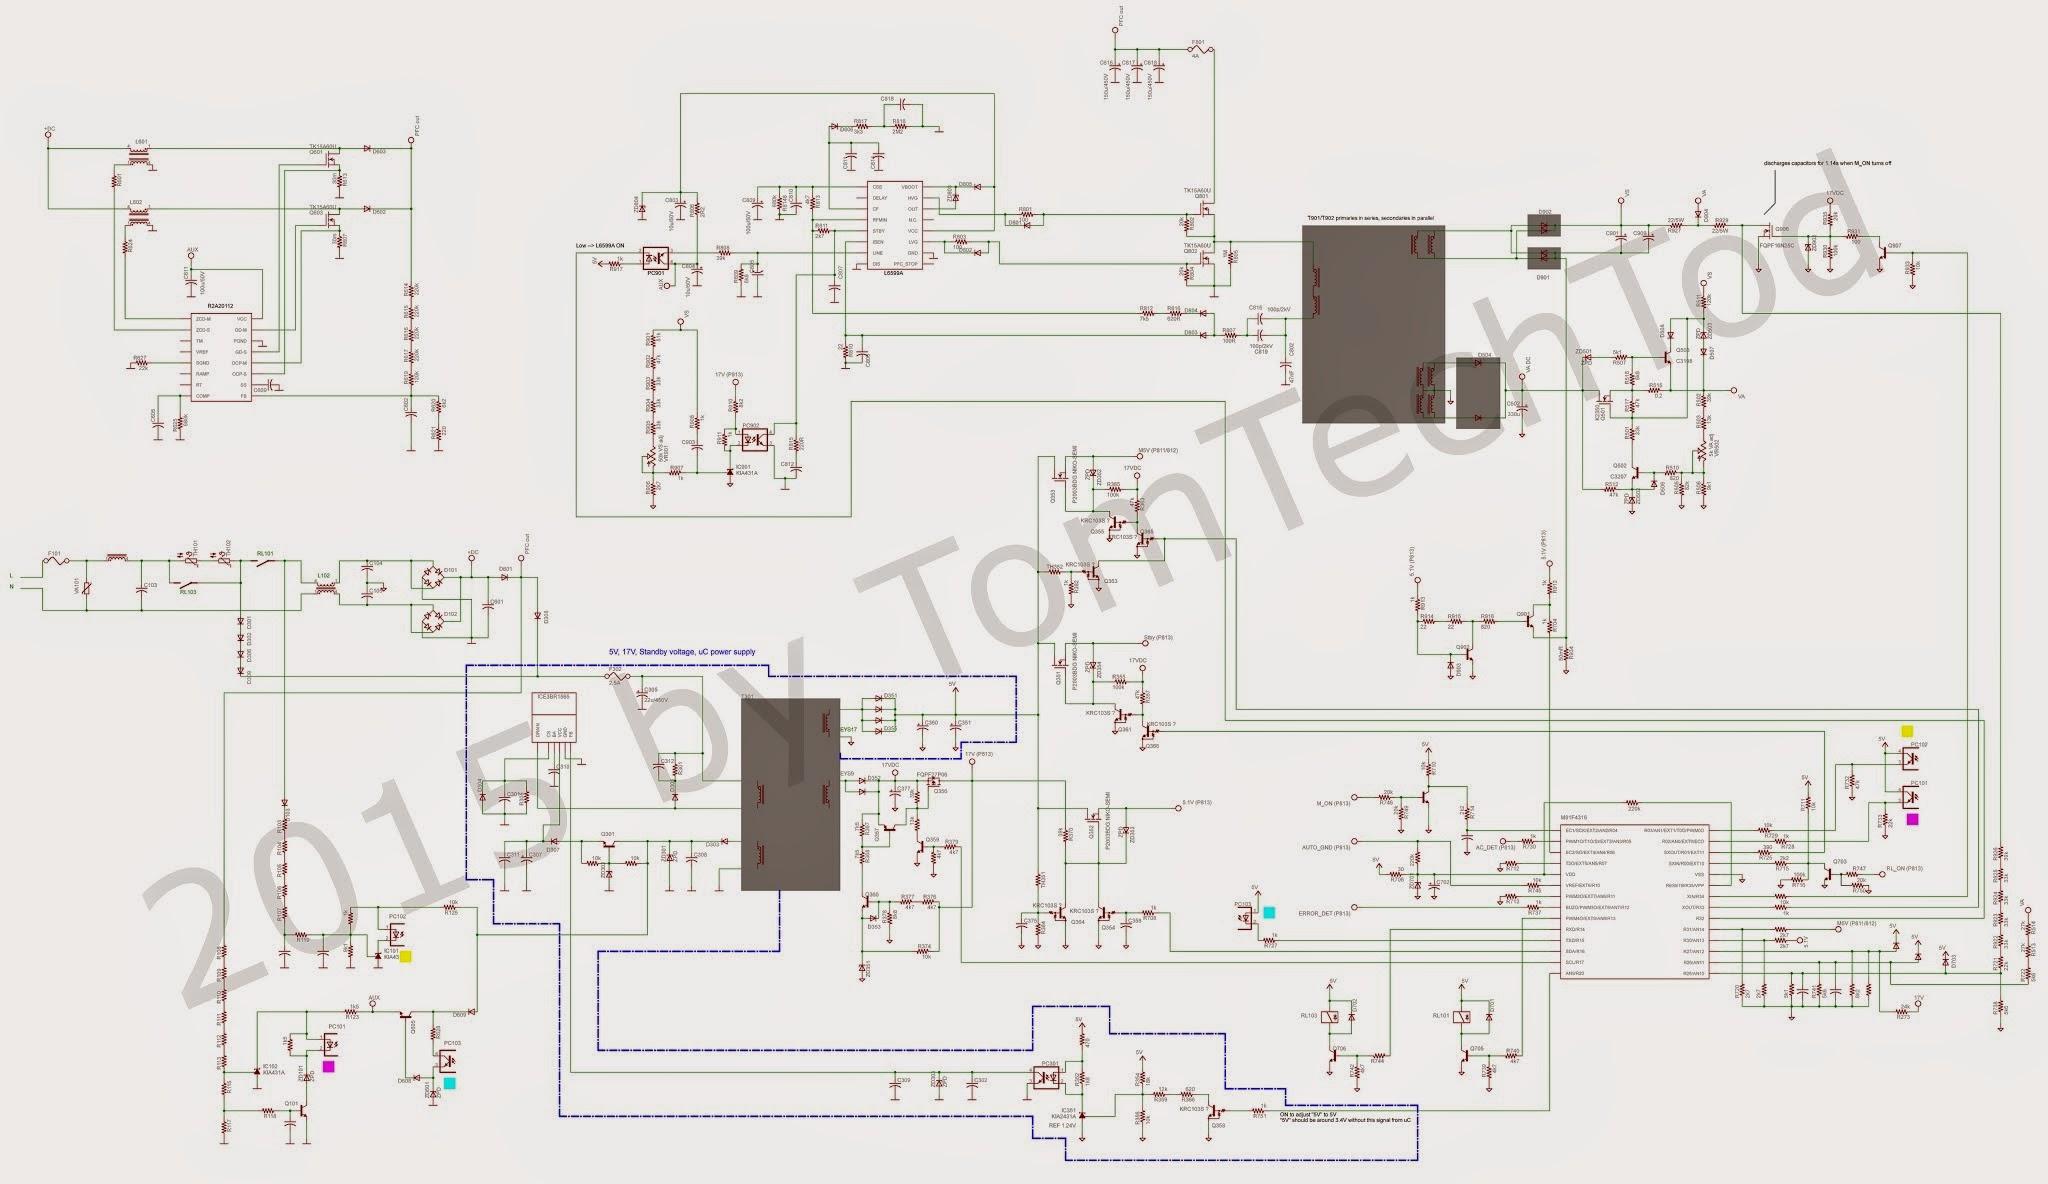 Schema Elettrico Za : Schema elettrico cancello automatico